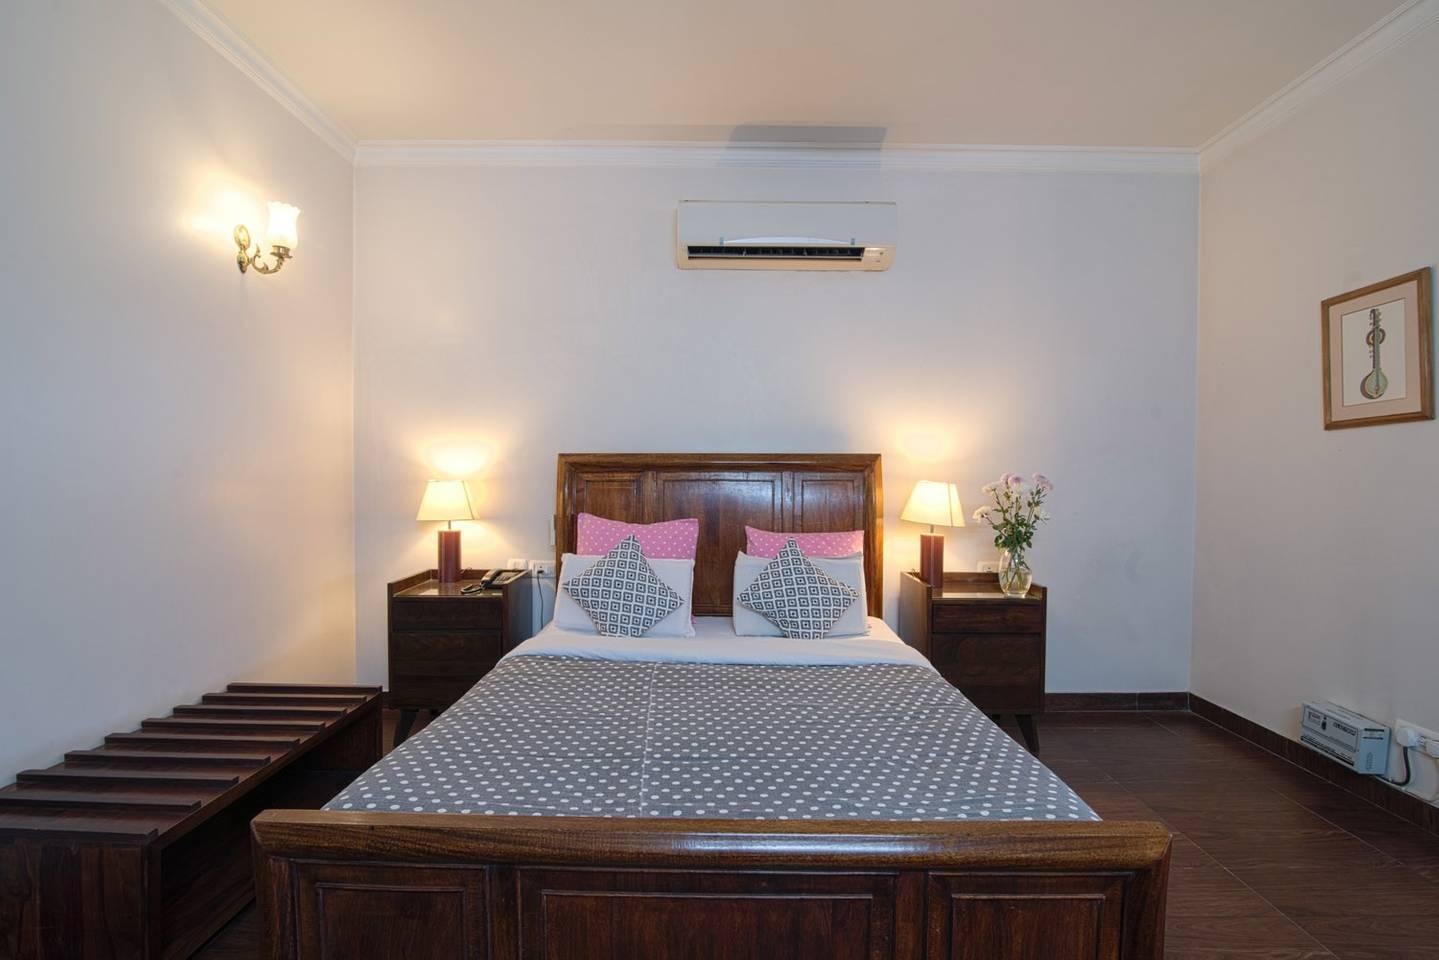 Apartment Studio Apartment with kitchen near Galleria photo 18446008